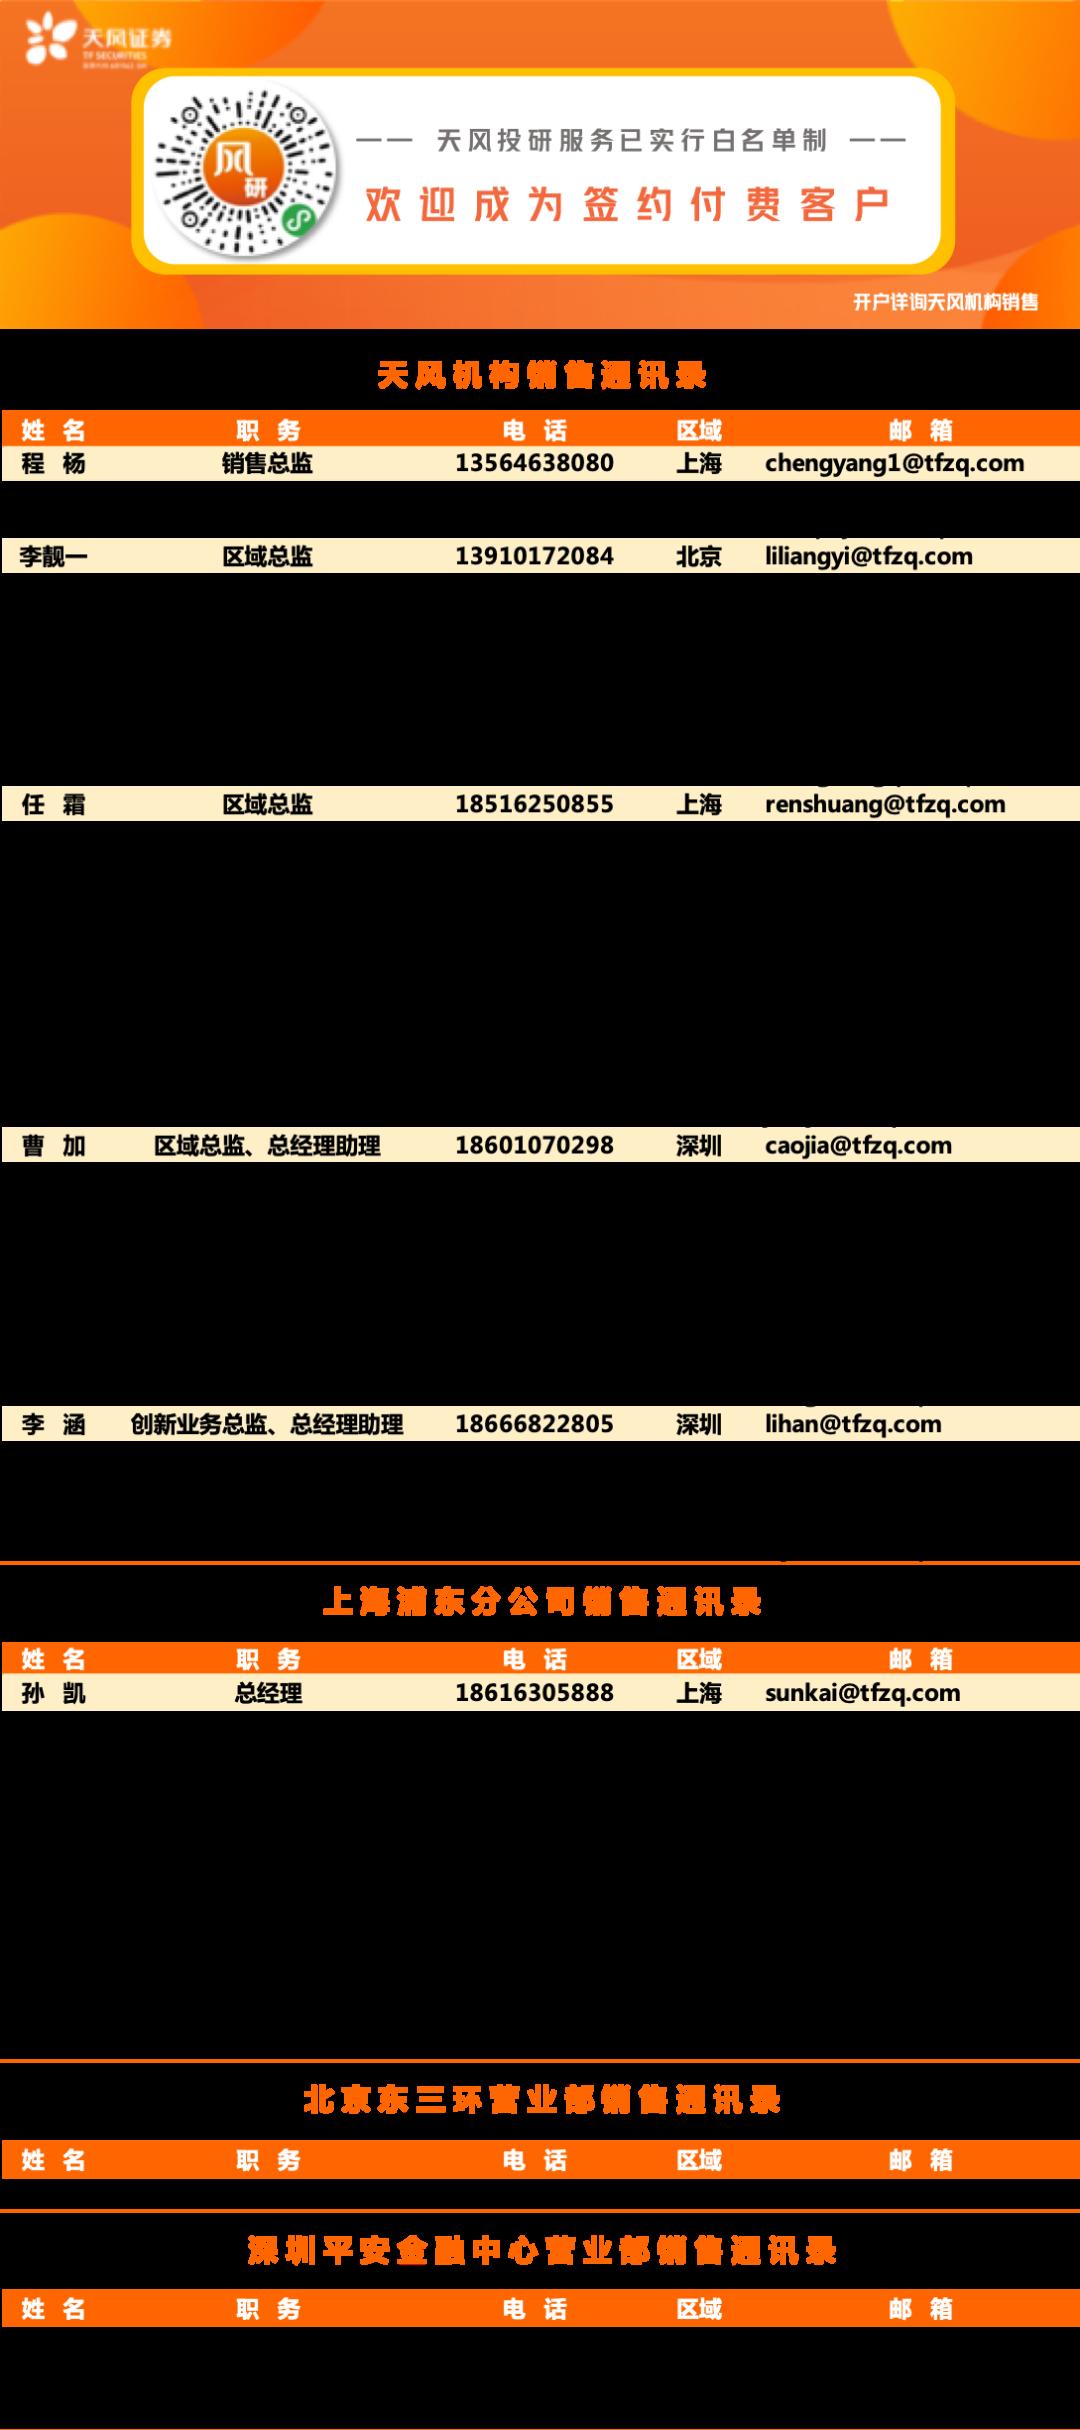 【传媒】深度研究:博纳影业全梳理:全产业链布局电影龙头,主旋律商业片树立行业标杆